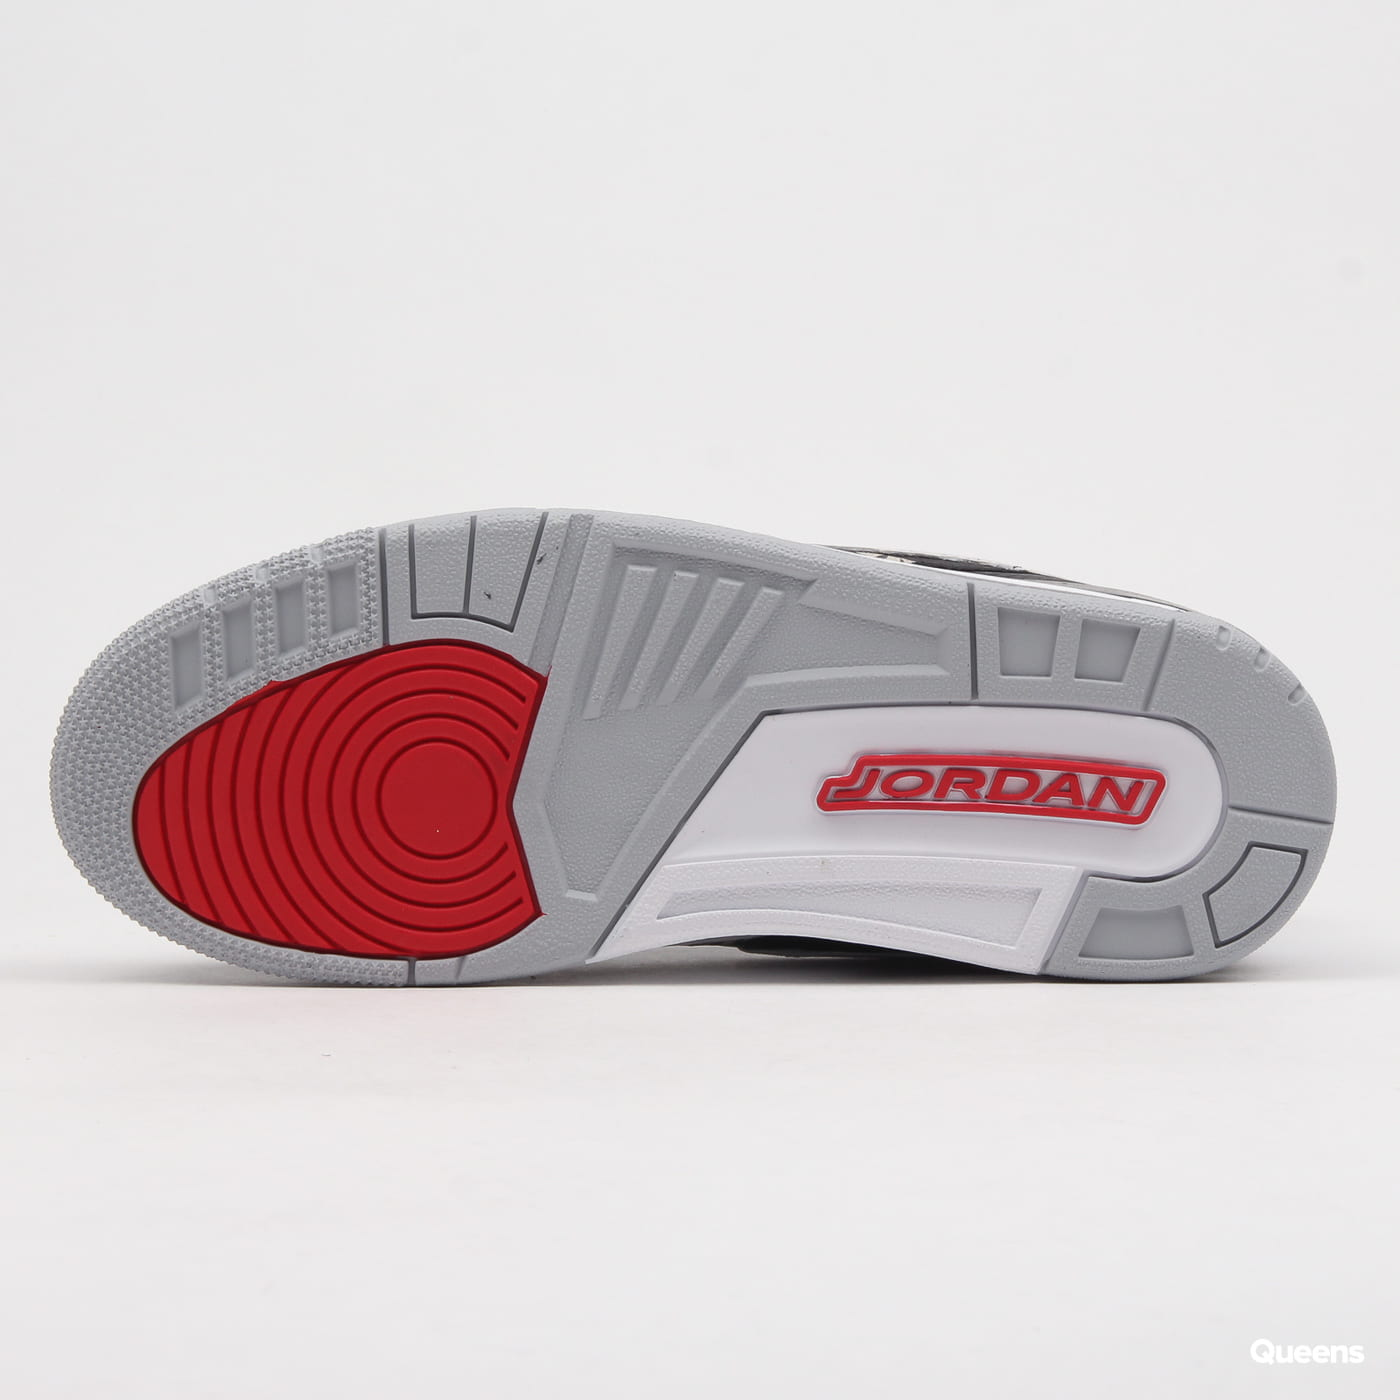 brand new c9d47 57864 Zoom in Zoom in Zoom in Zoom in Zoom in. Jordan Air Jordan Legacy 312 ...